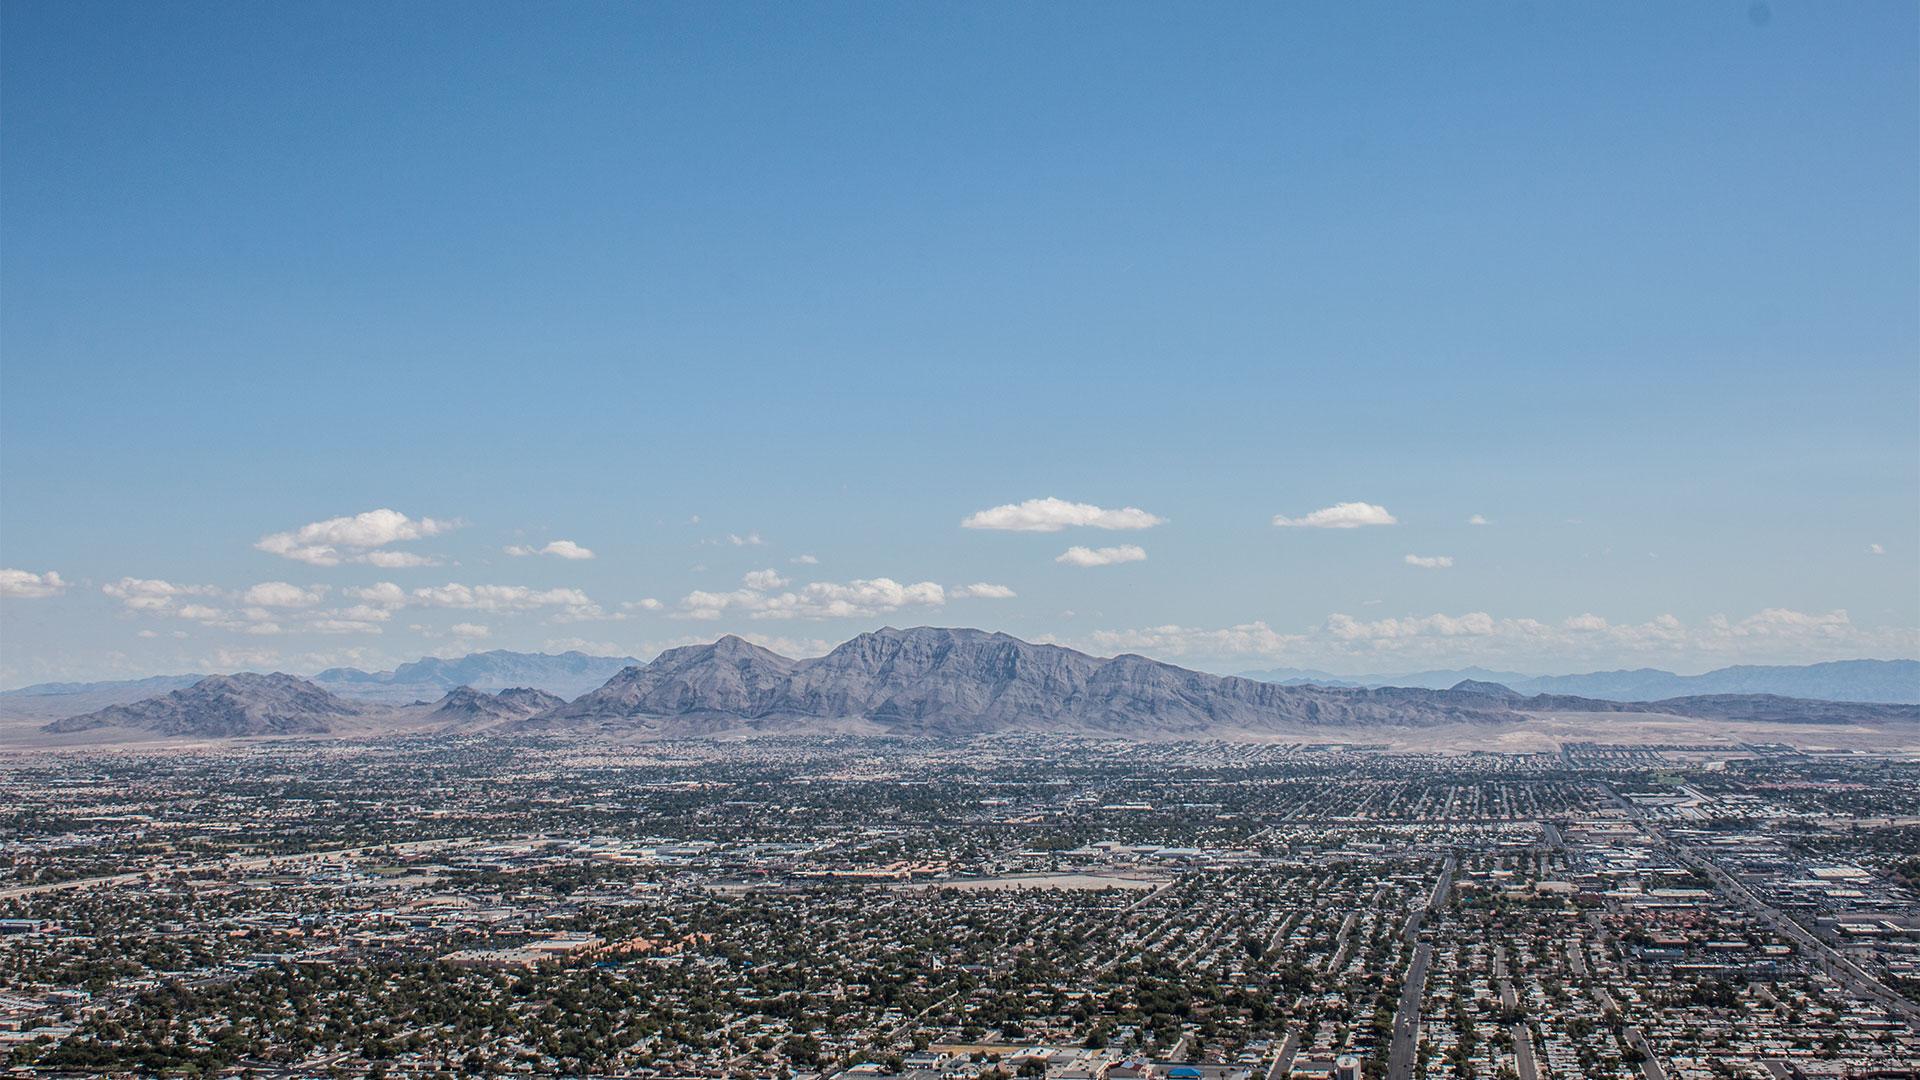 Blick über Vegas mit dem sogenannten Mummy Mountain (Bild um 90° drehen, dann sieht man die Mumie)